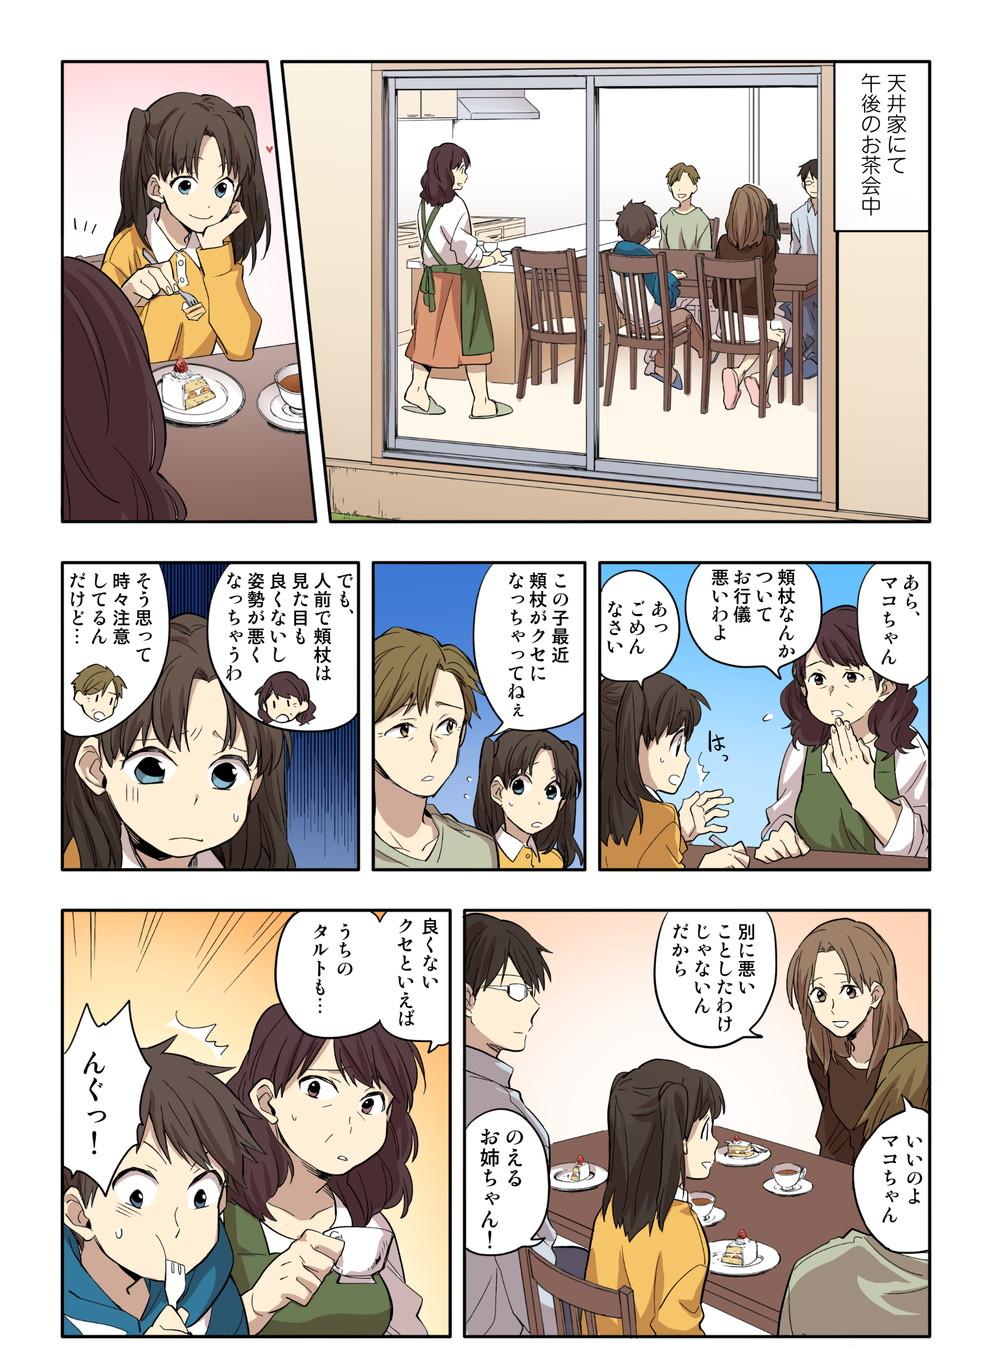 comic11_01